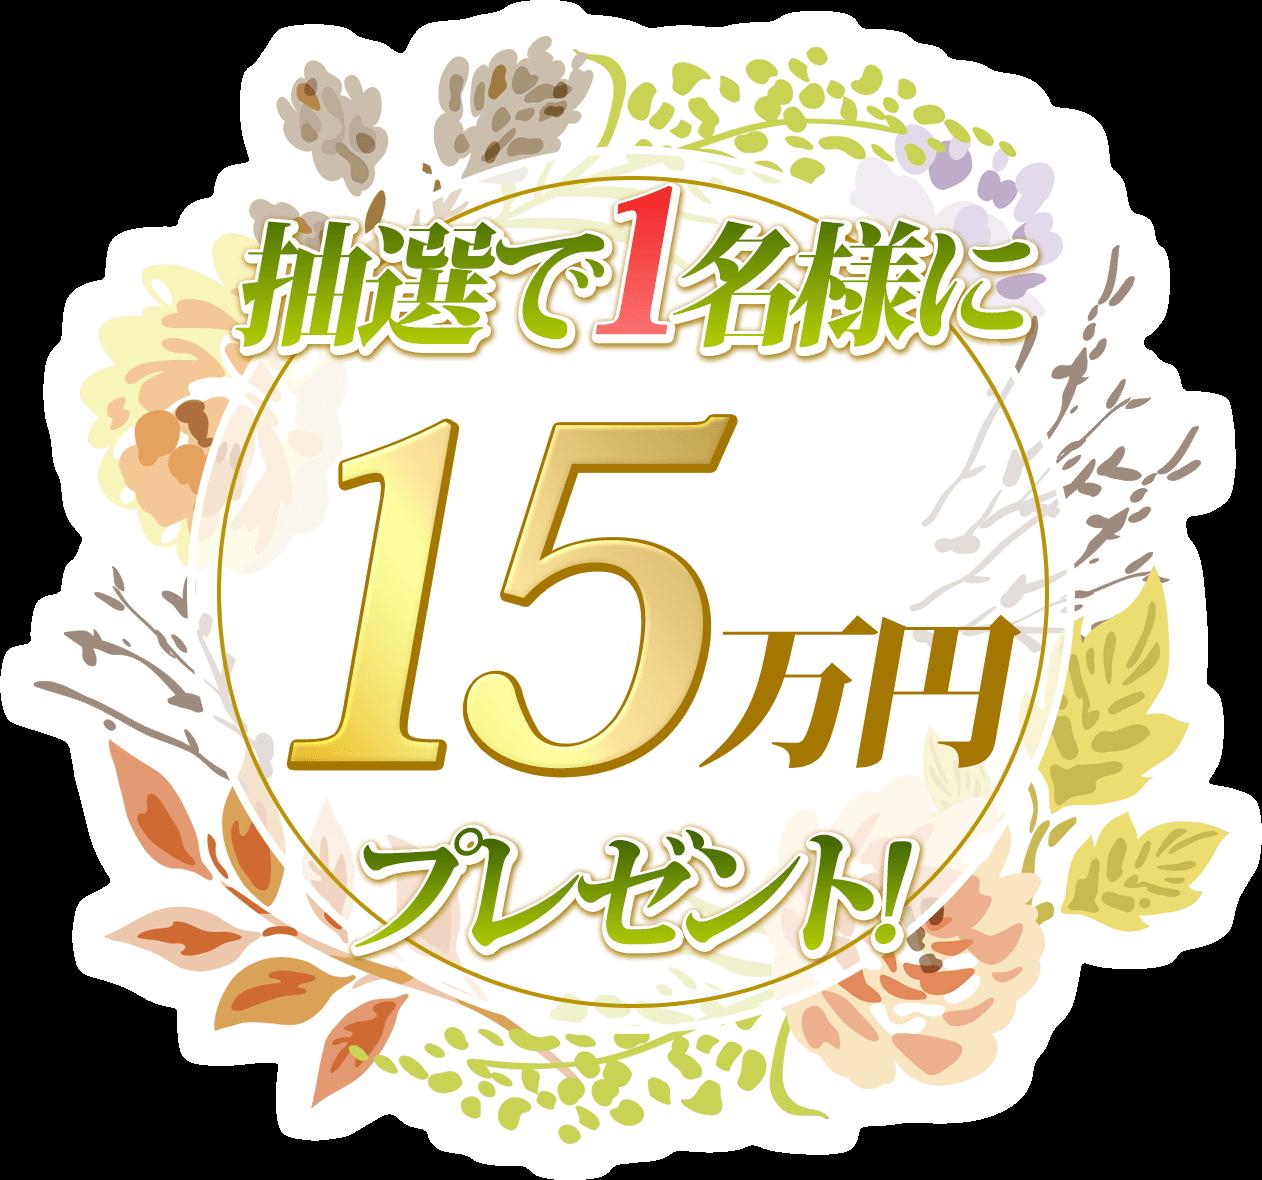 抽選で1名様に15万円プレゼント!